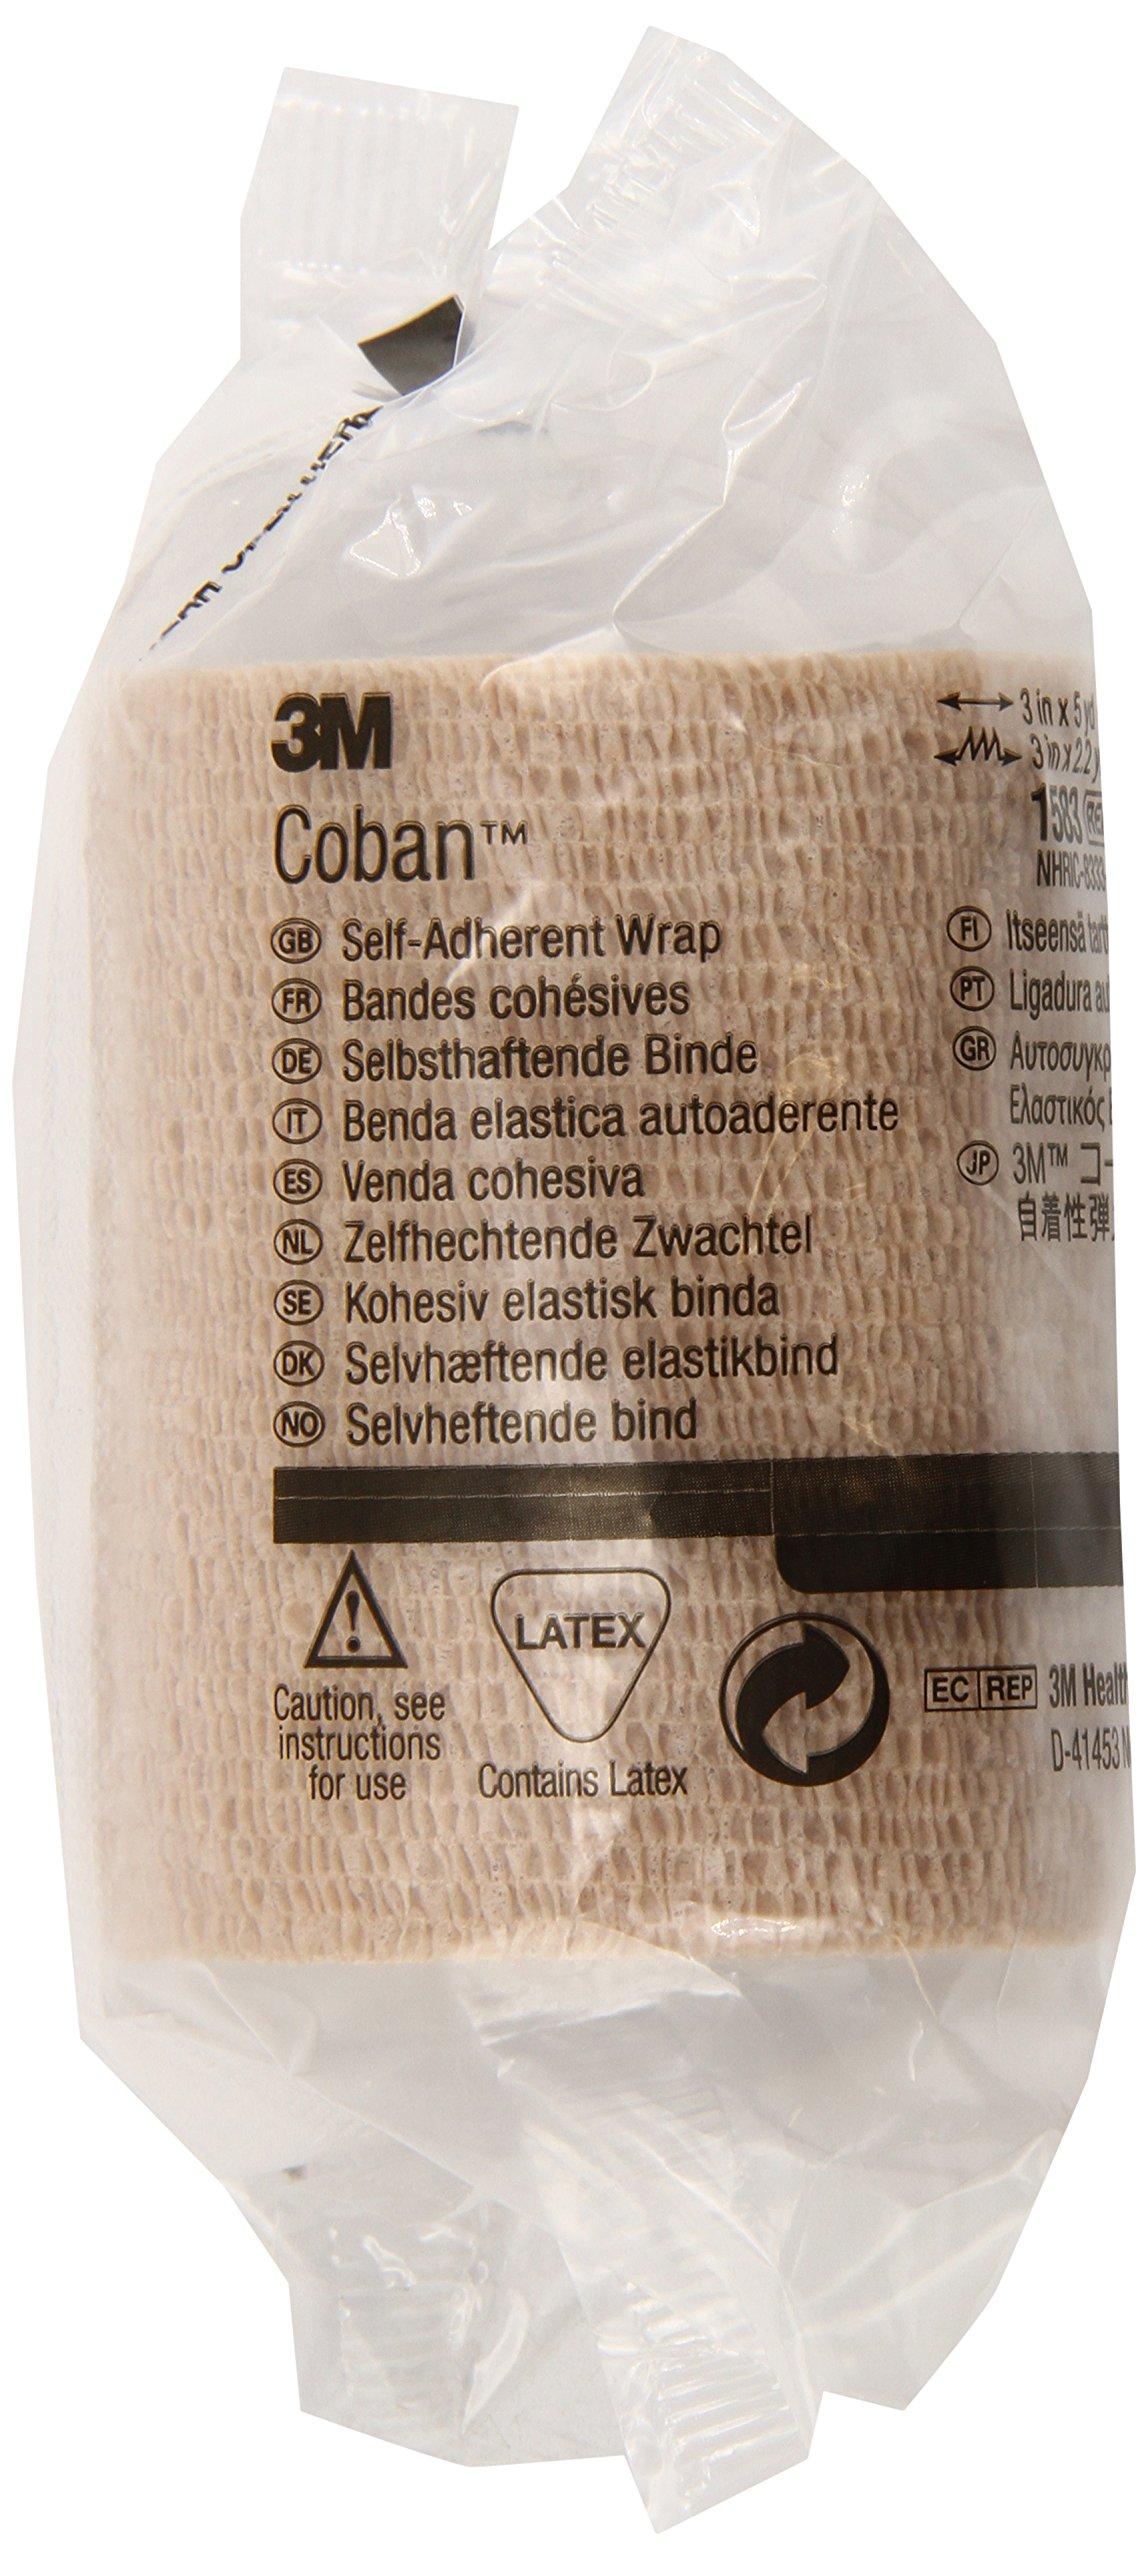 3M Coban Self-Adherent Wrap 1583 (Pack of 24)